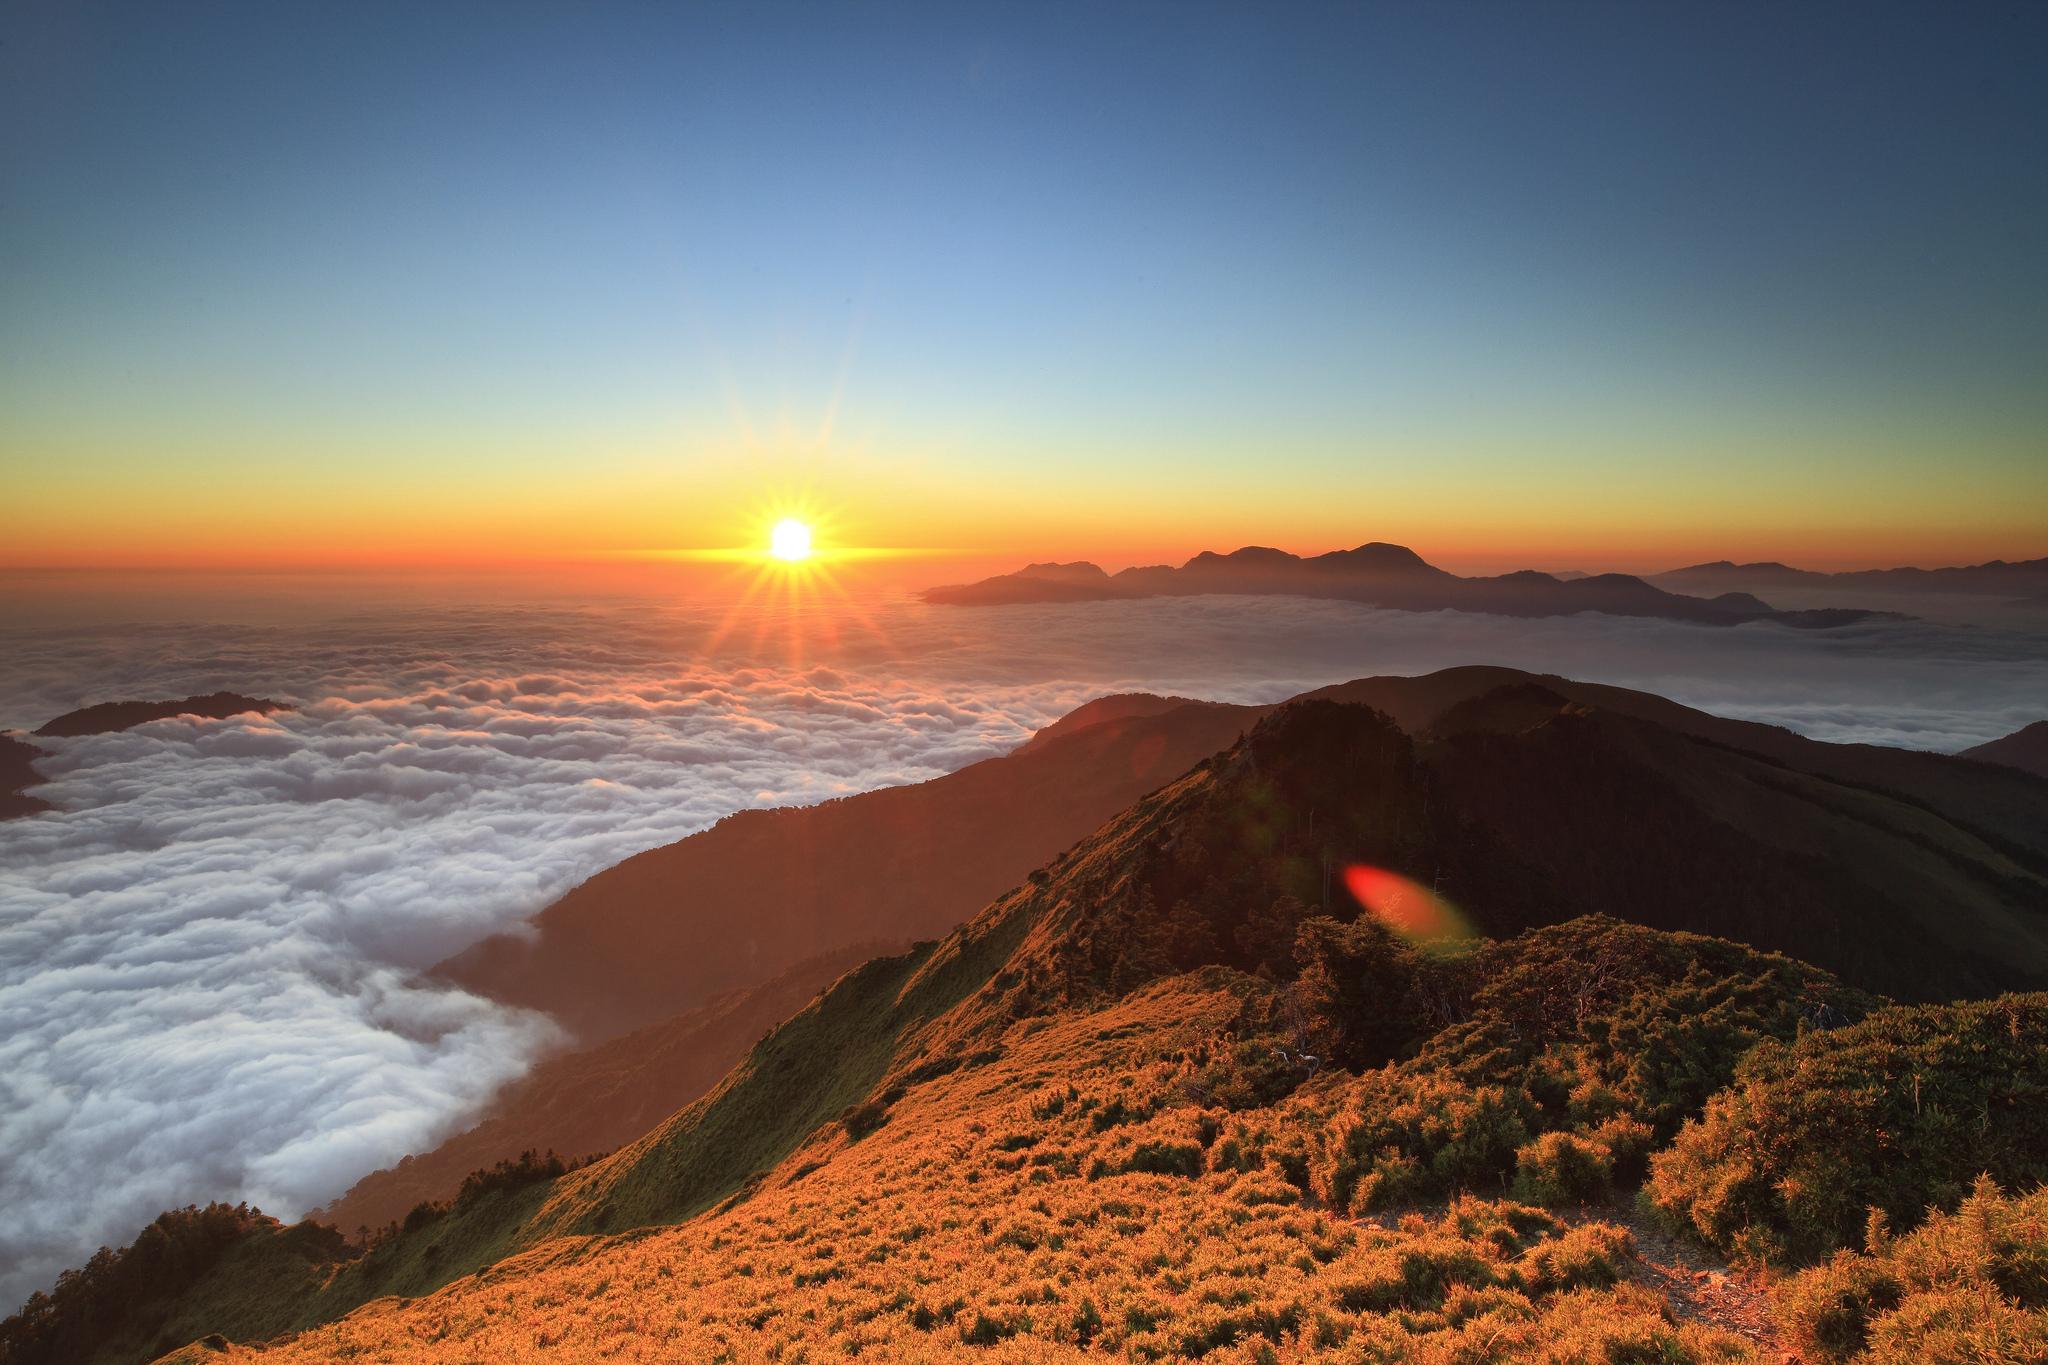 Солнце, рассвет, горы, холмы, дорога  № 3302201 загрузить